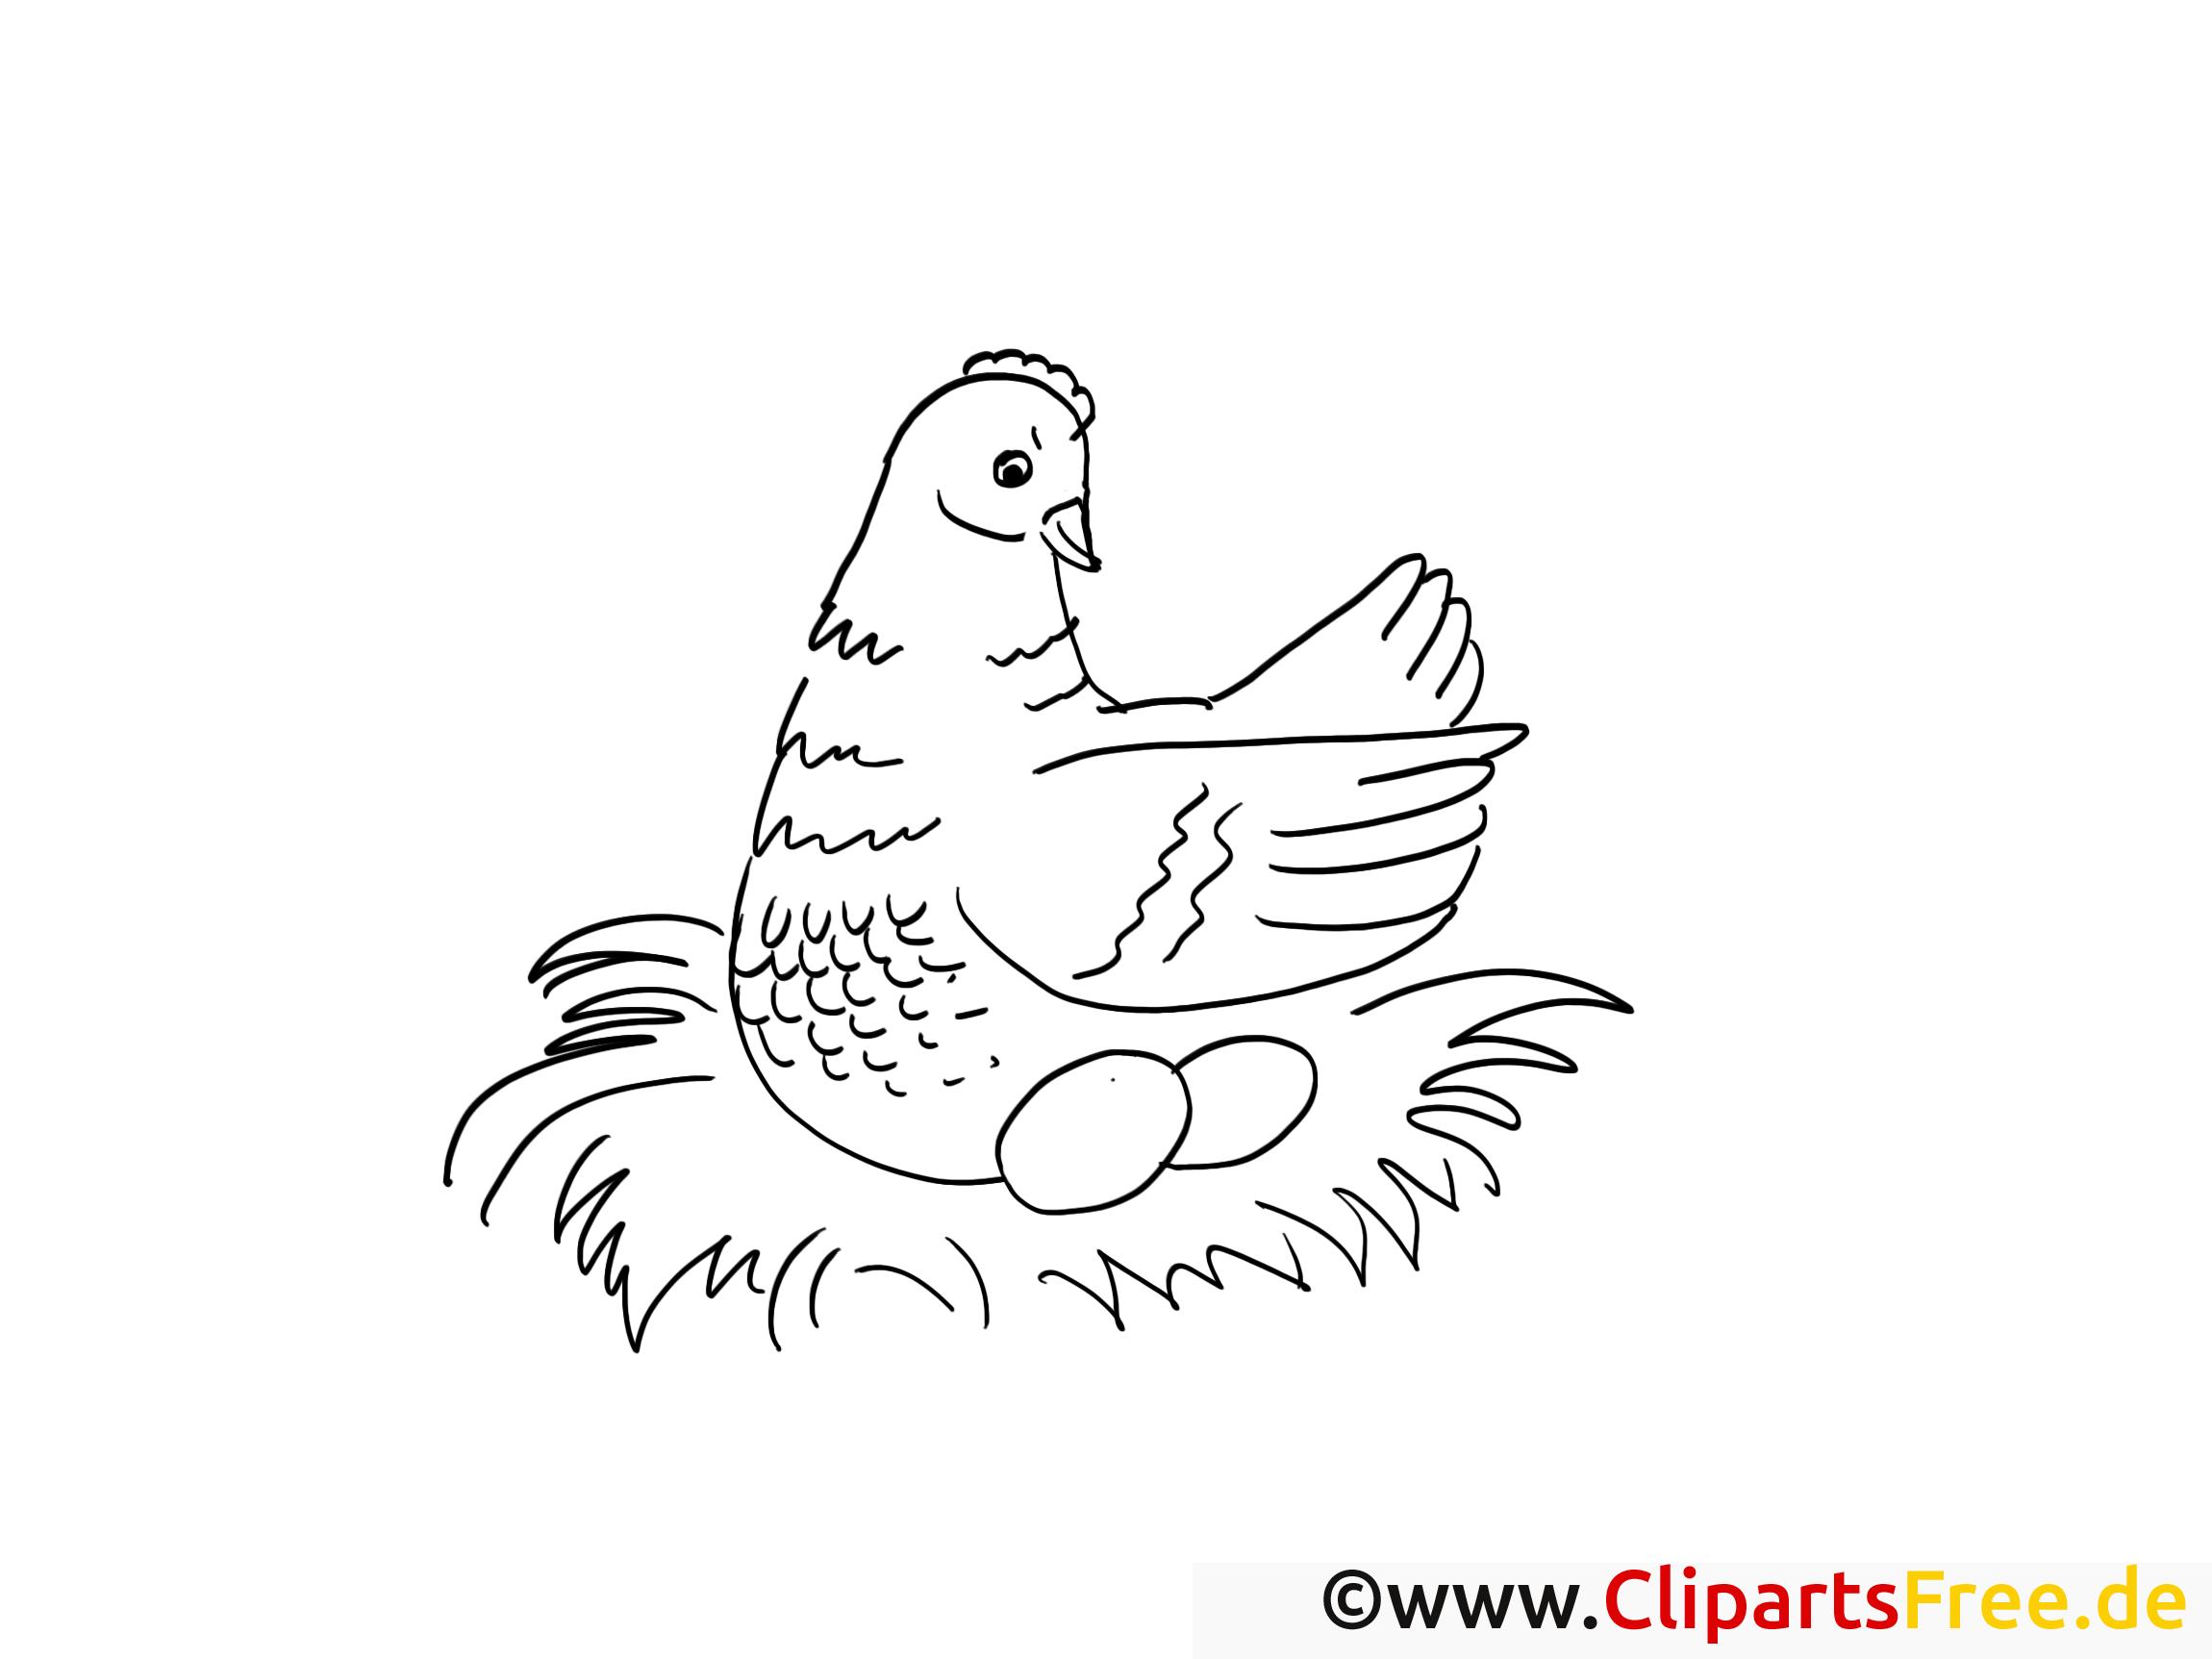 Poule images gratuites – Campagne à colorier